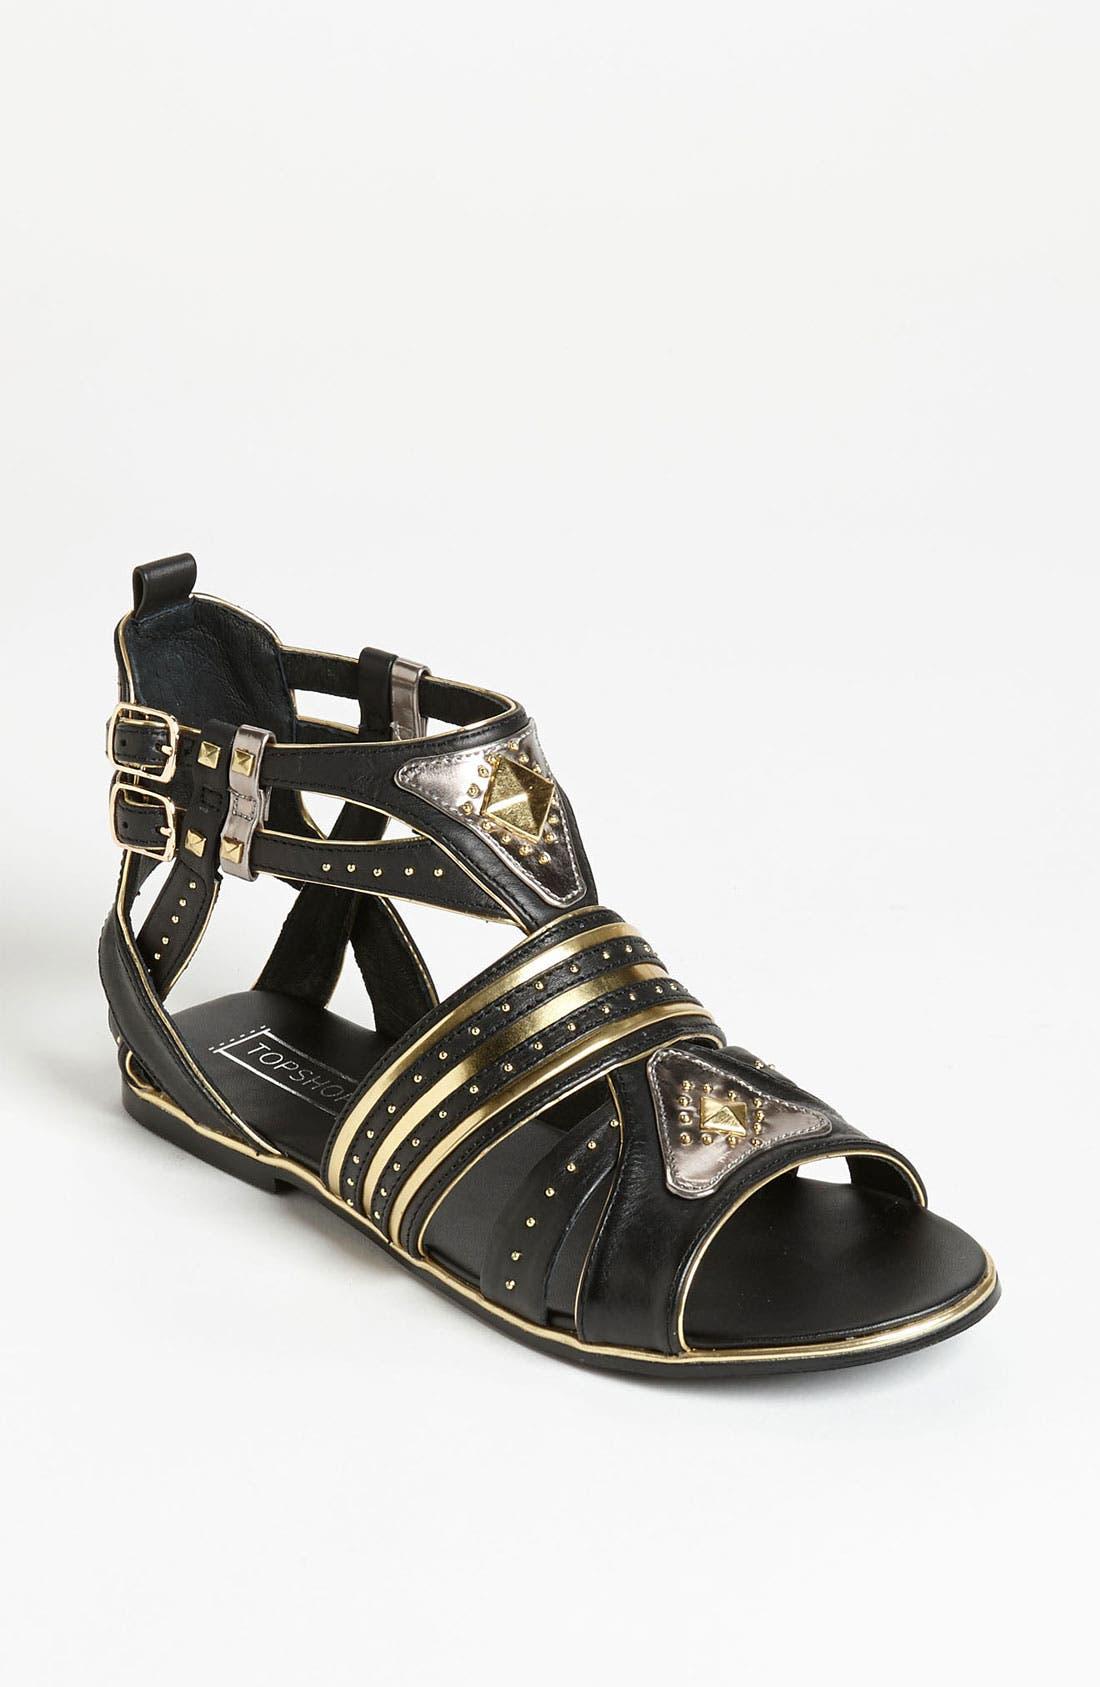 Alternate Image 1 Selected - Topshop 'Francine' Metal Gladiator Sandal